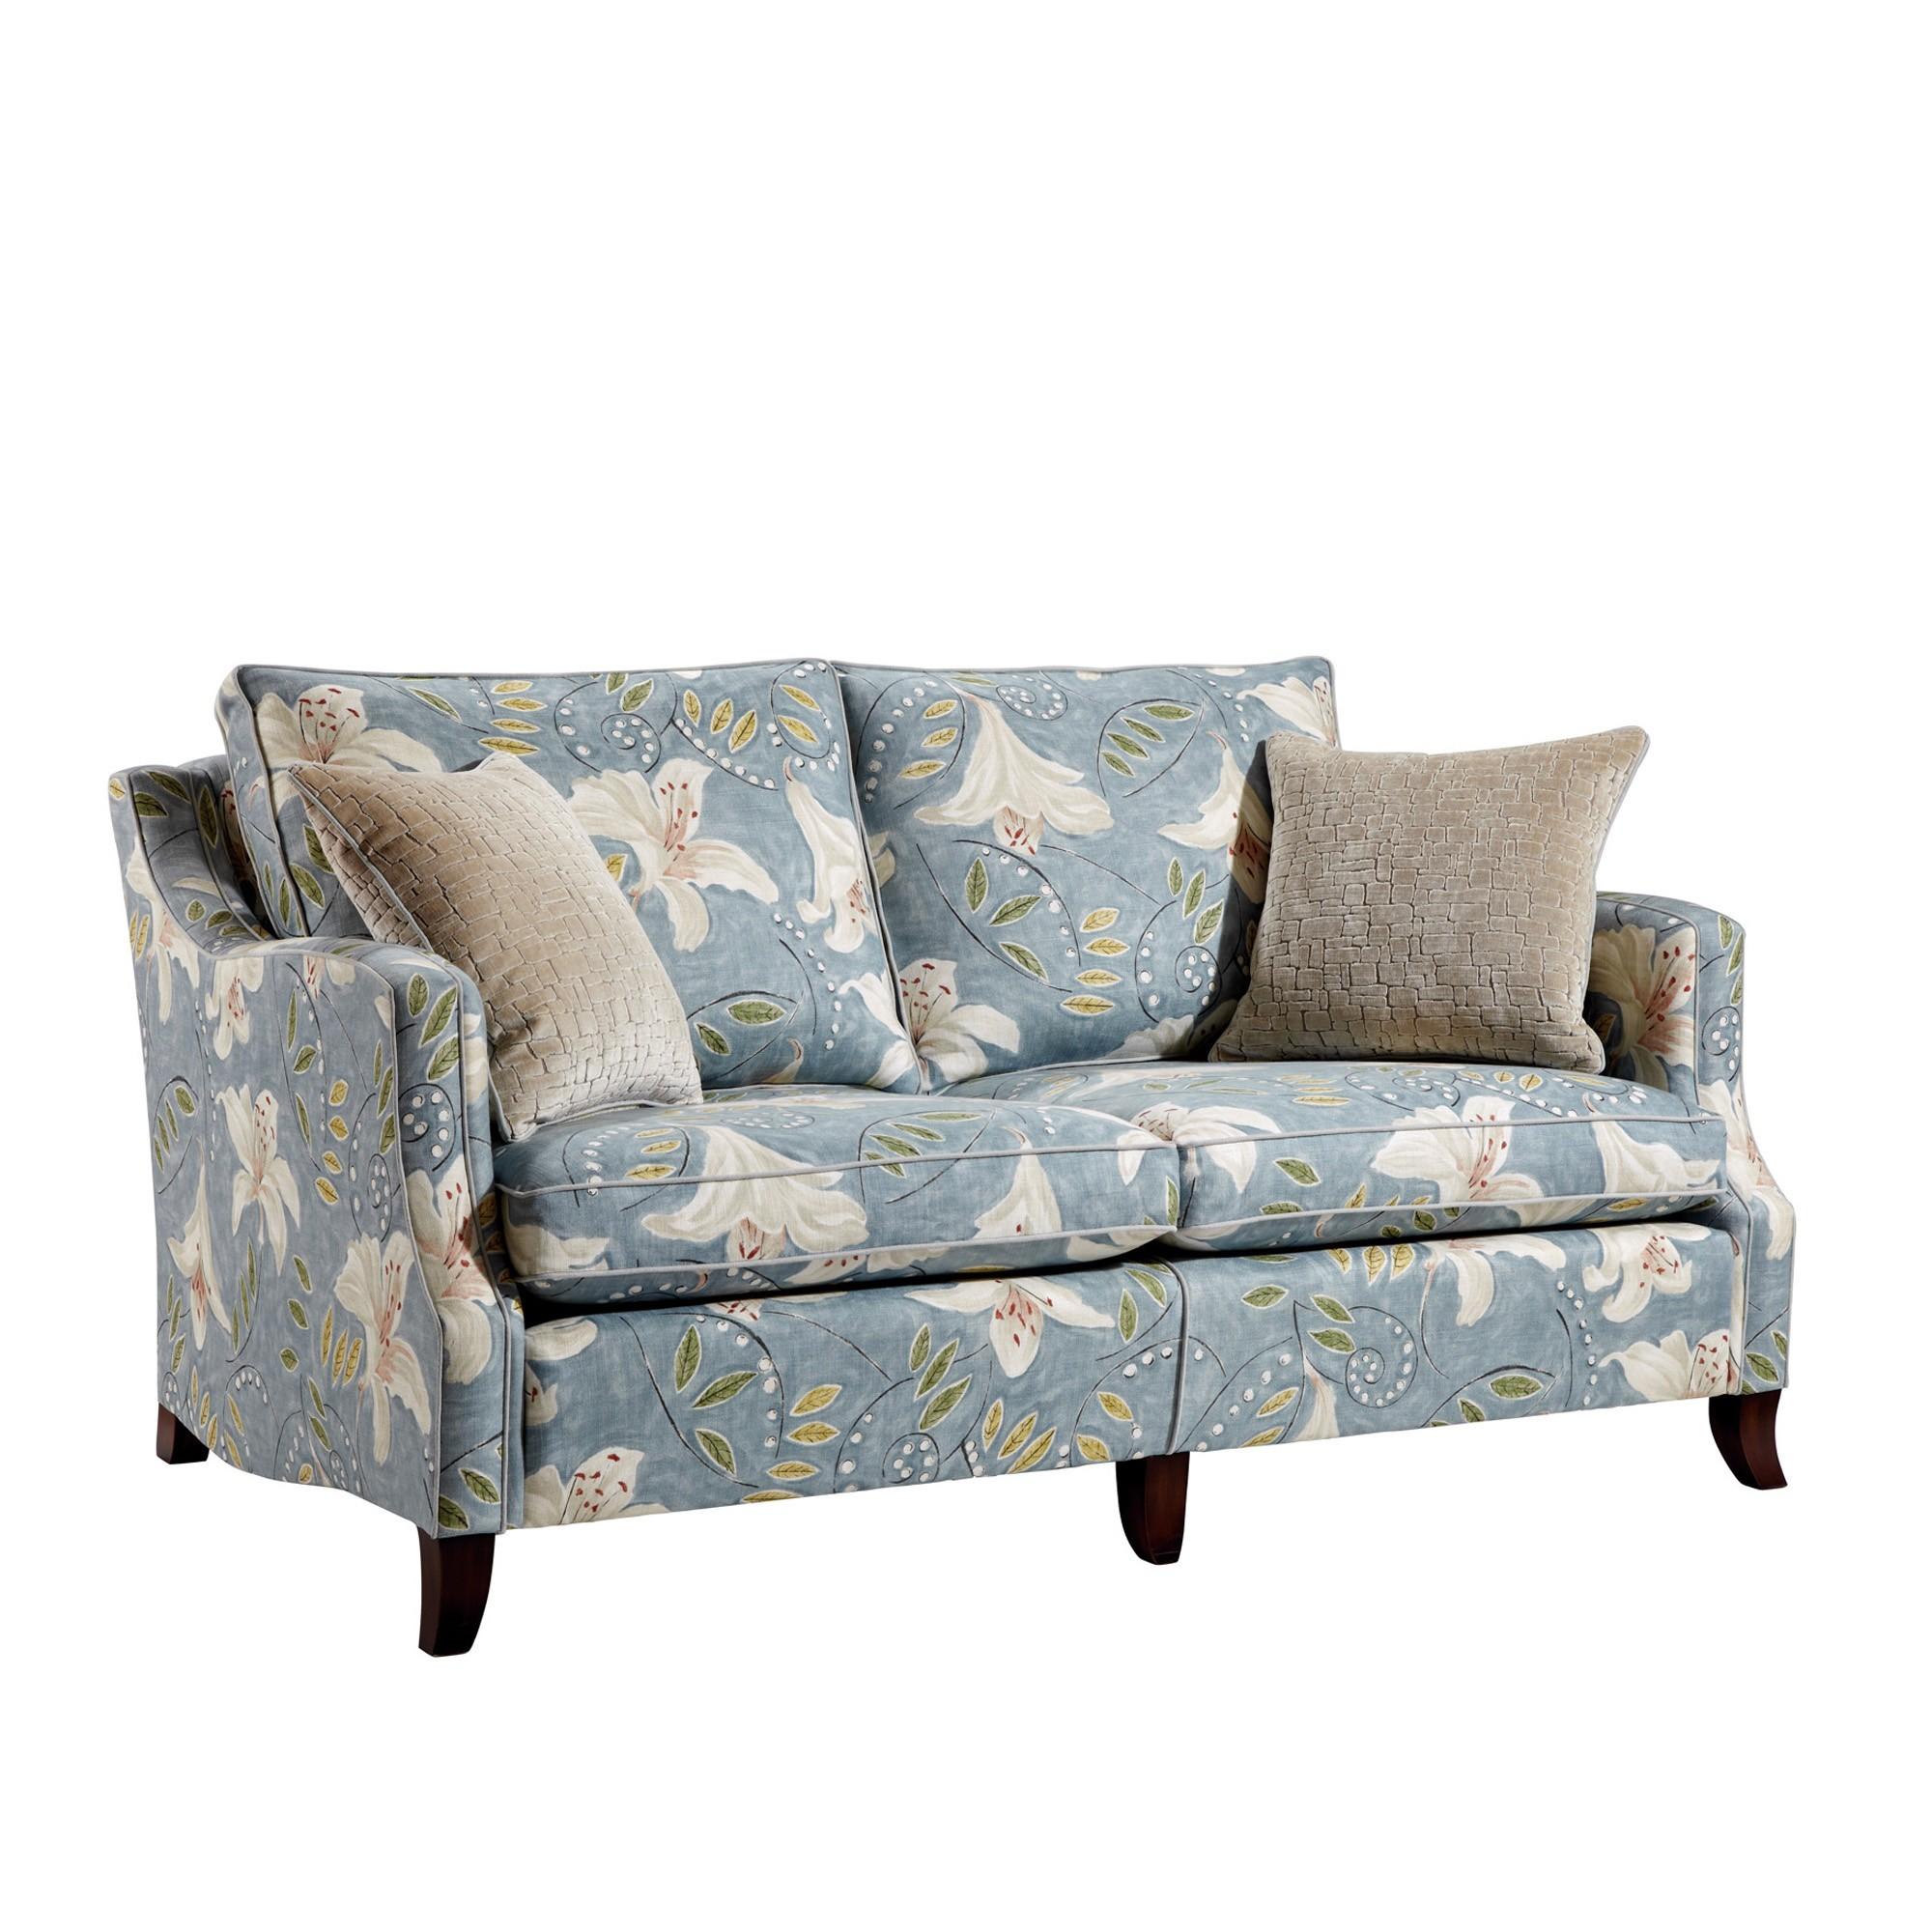 Duresta Amelia Medium Sofa All Sofas Cookes Furniture